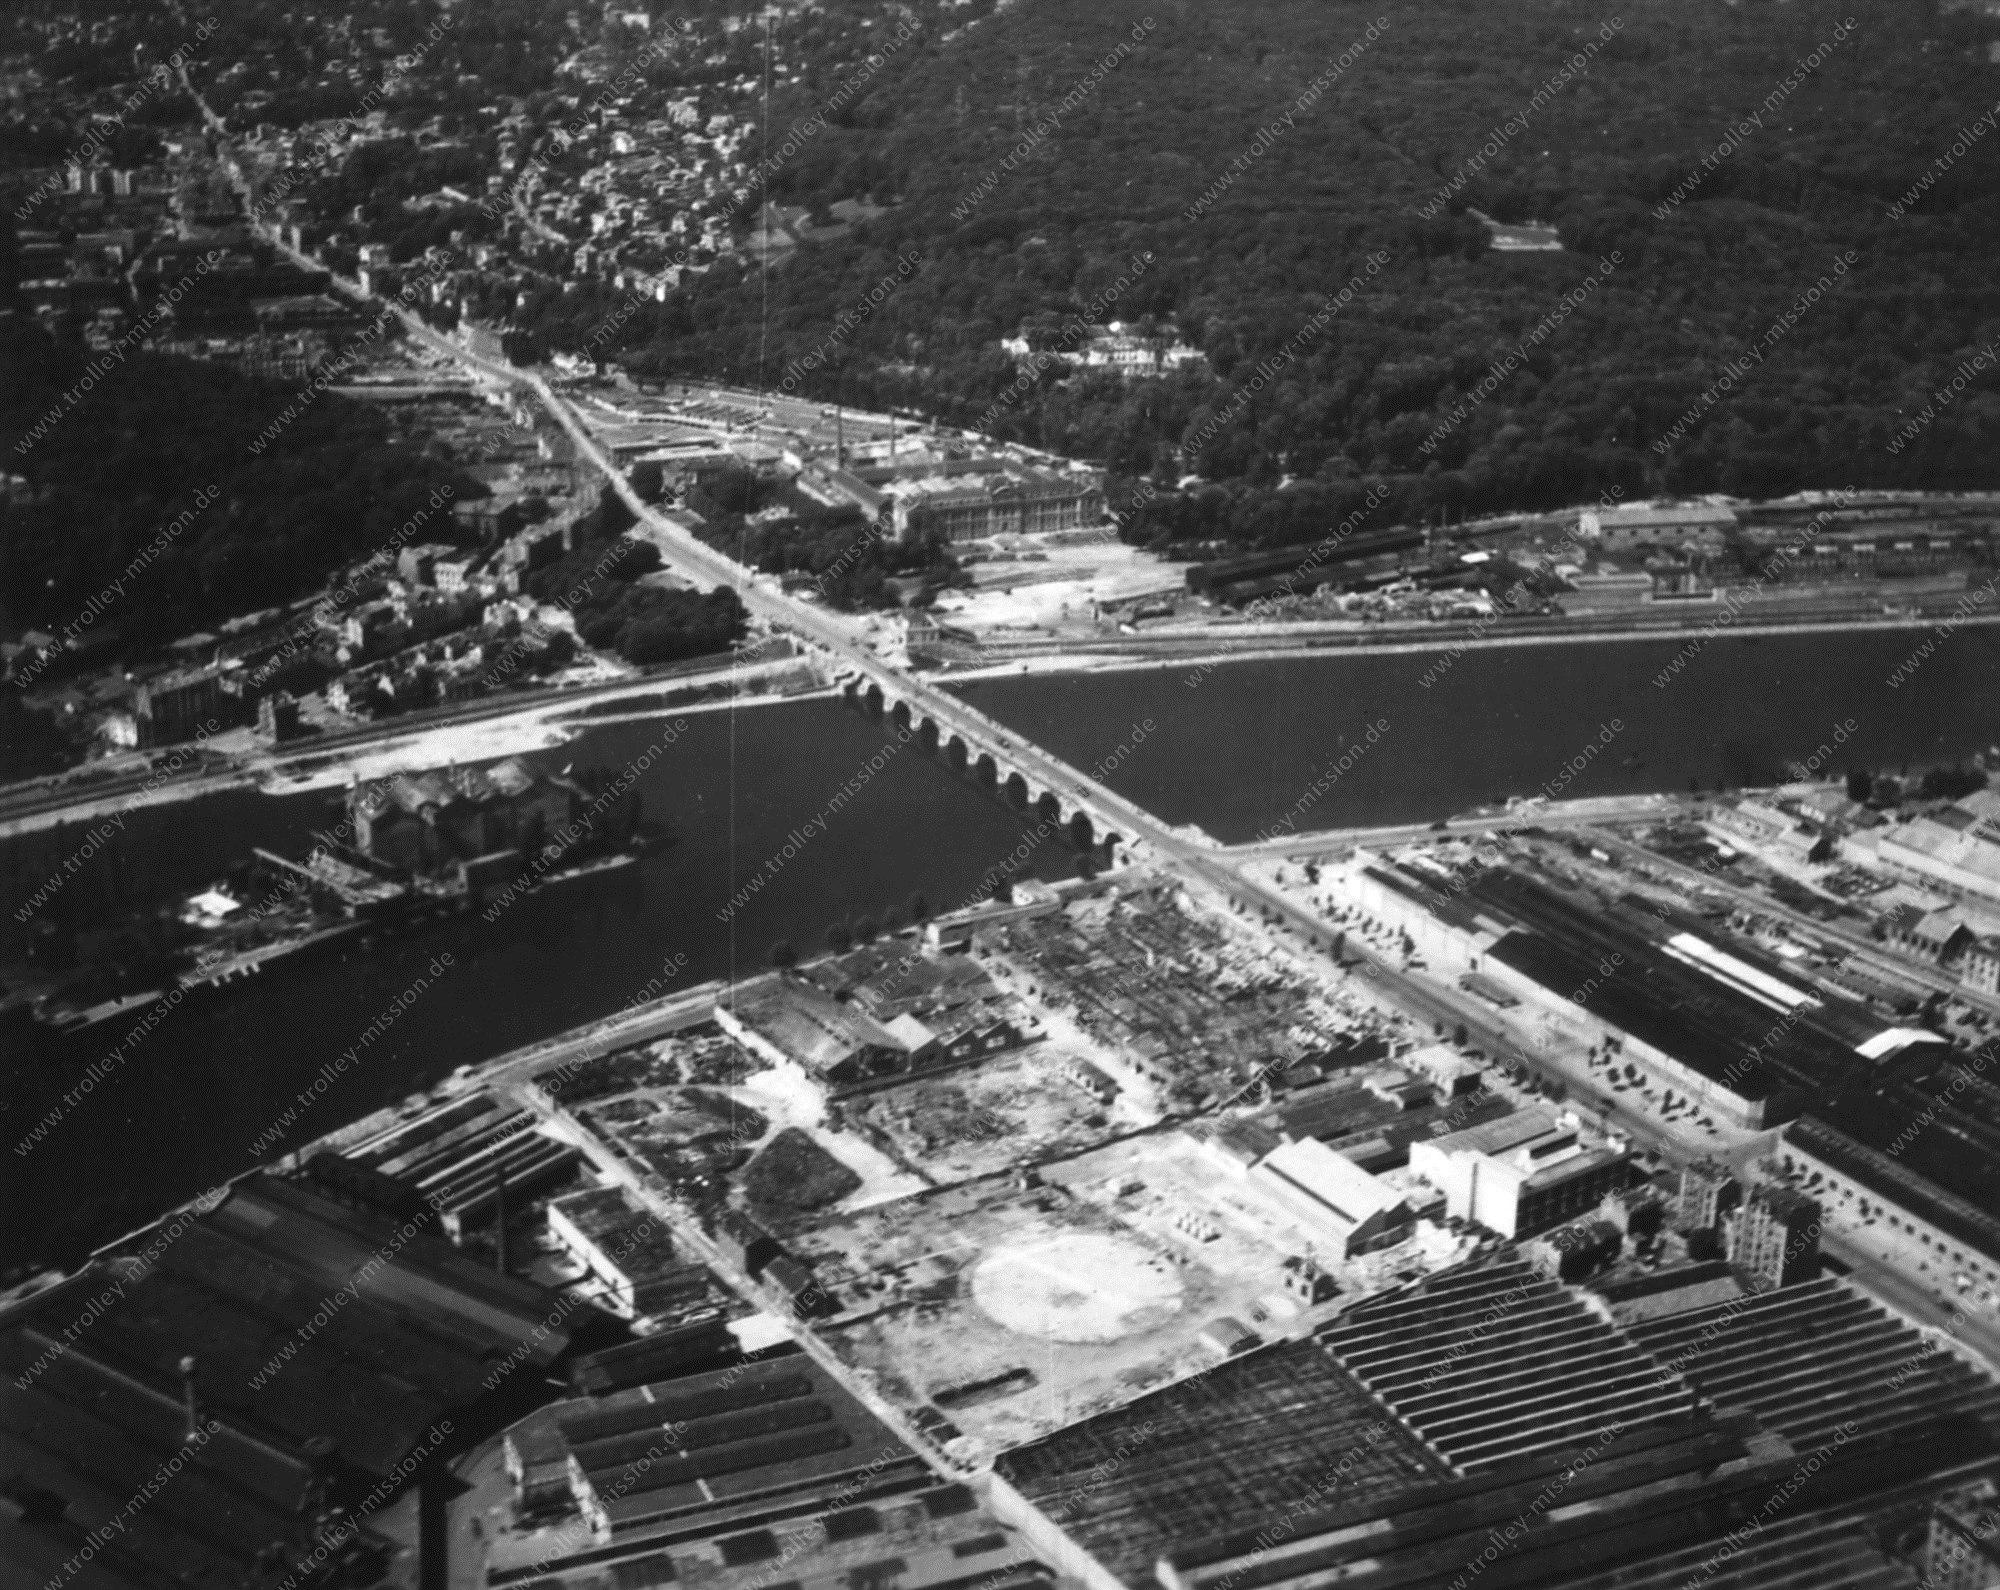 Vue aérienne de l'ancien pont entre Boulogne-Billancourt et Sèvres (Pont de Sèvres)